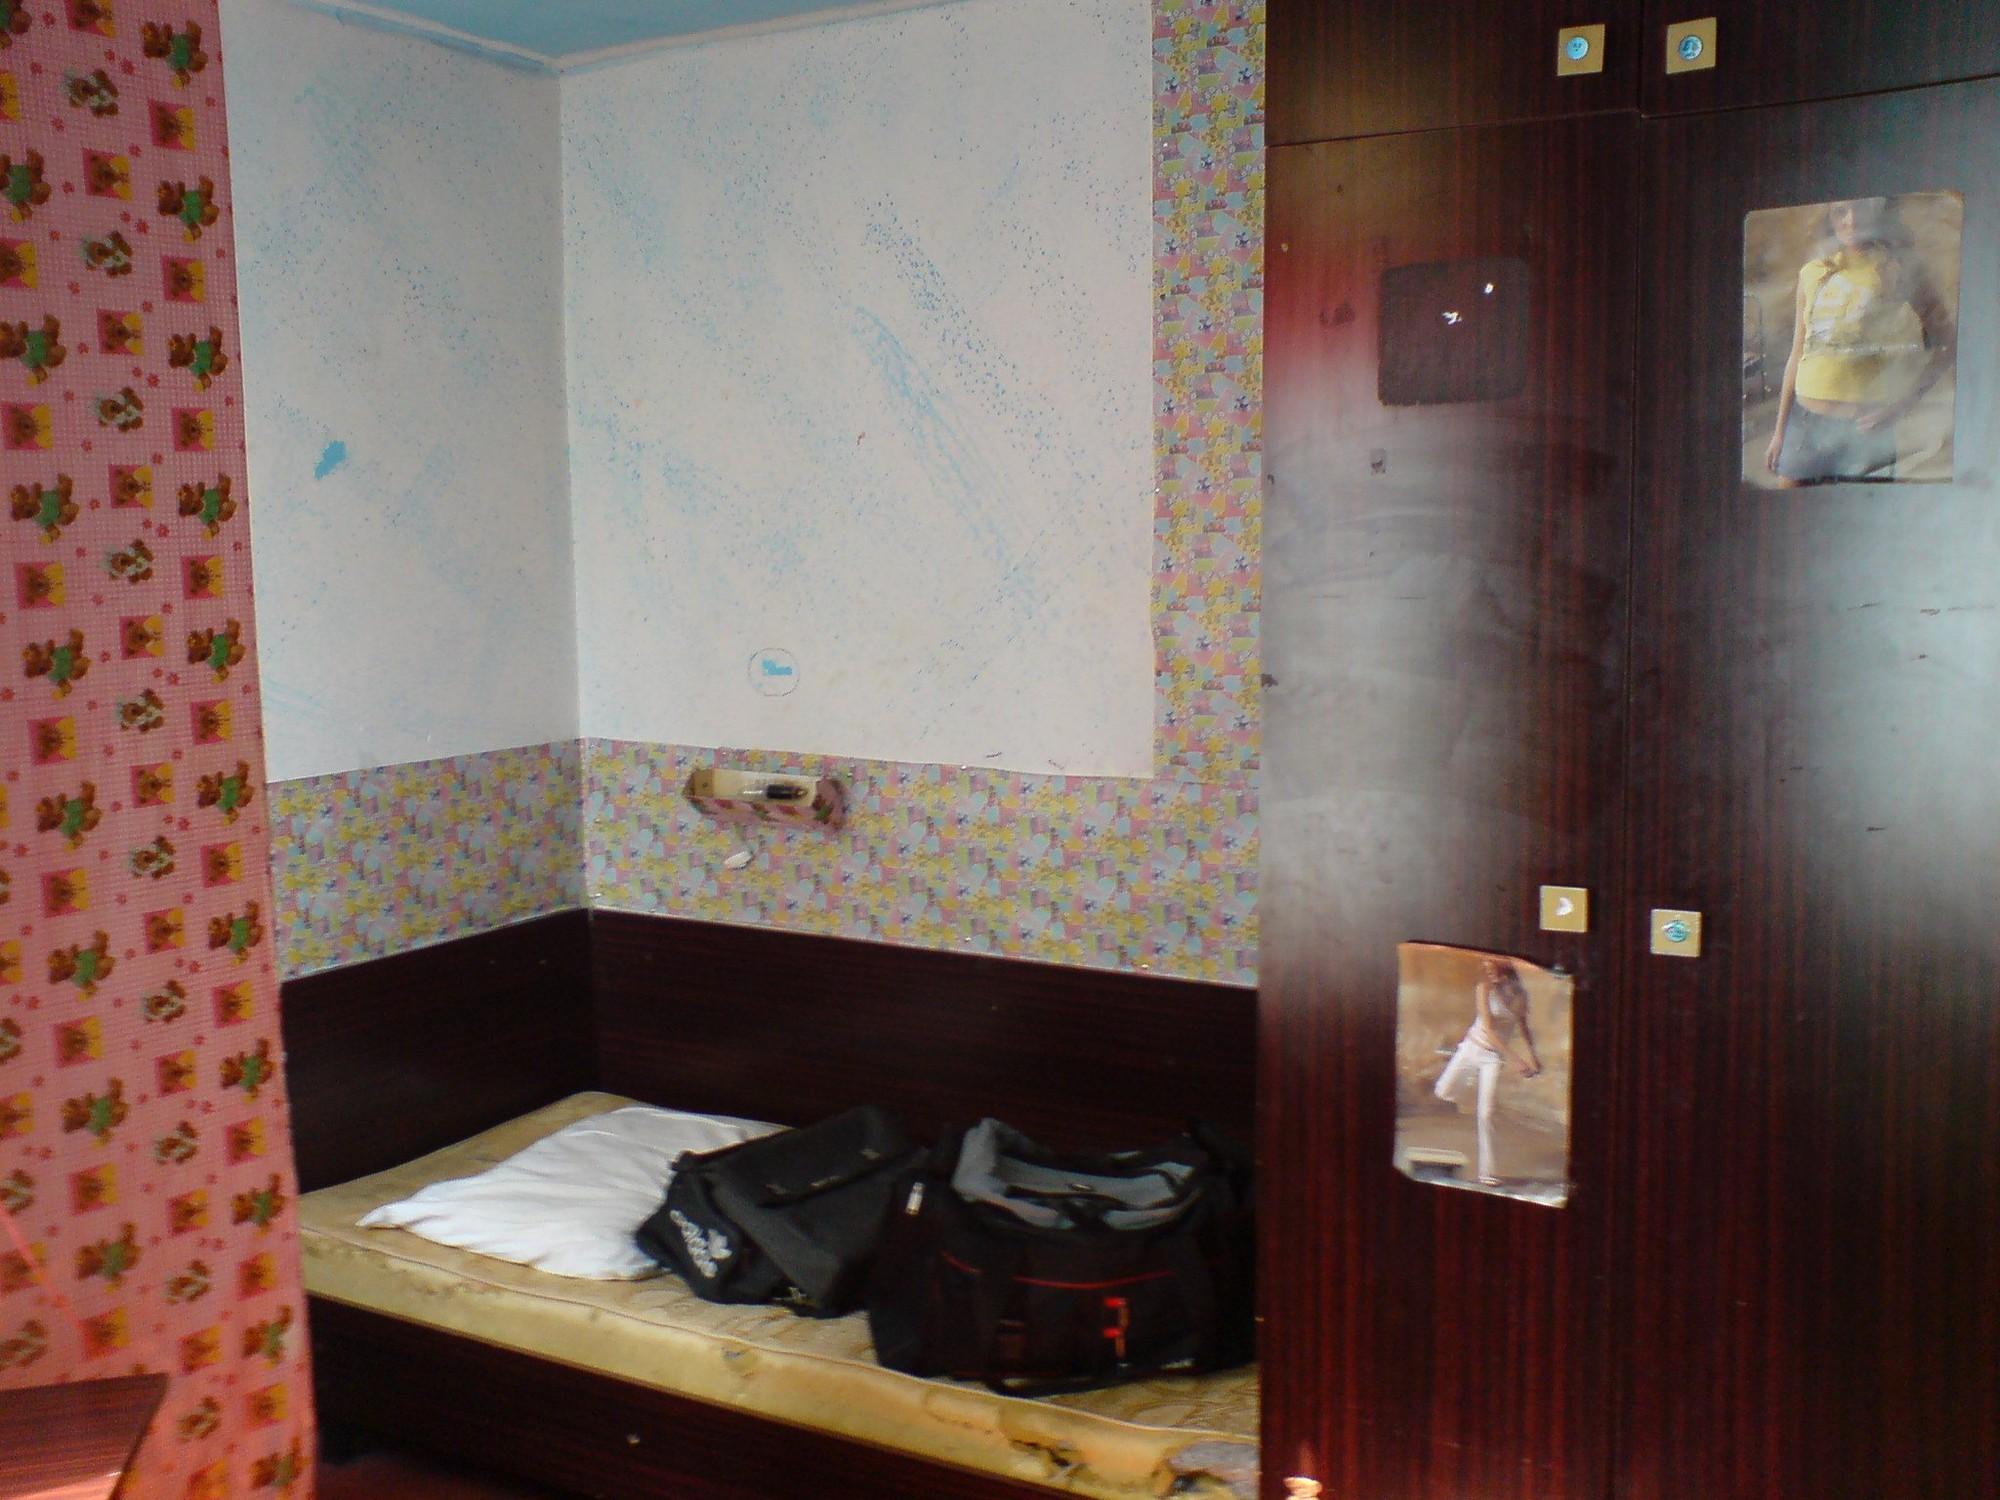 Những hình ảnh nhếch nhác đến rùng mình của ký túc xá sinh viên tại Macedonia - 1 quốc gia ở Châu Âu - Ảnh 3.